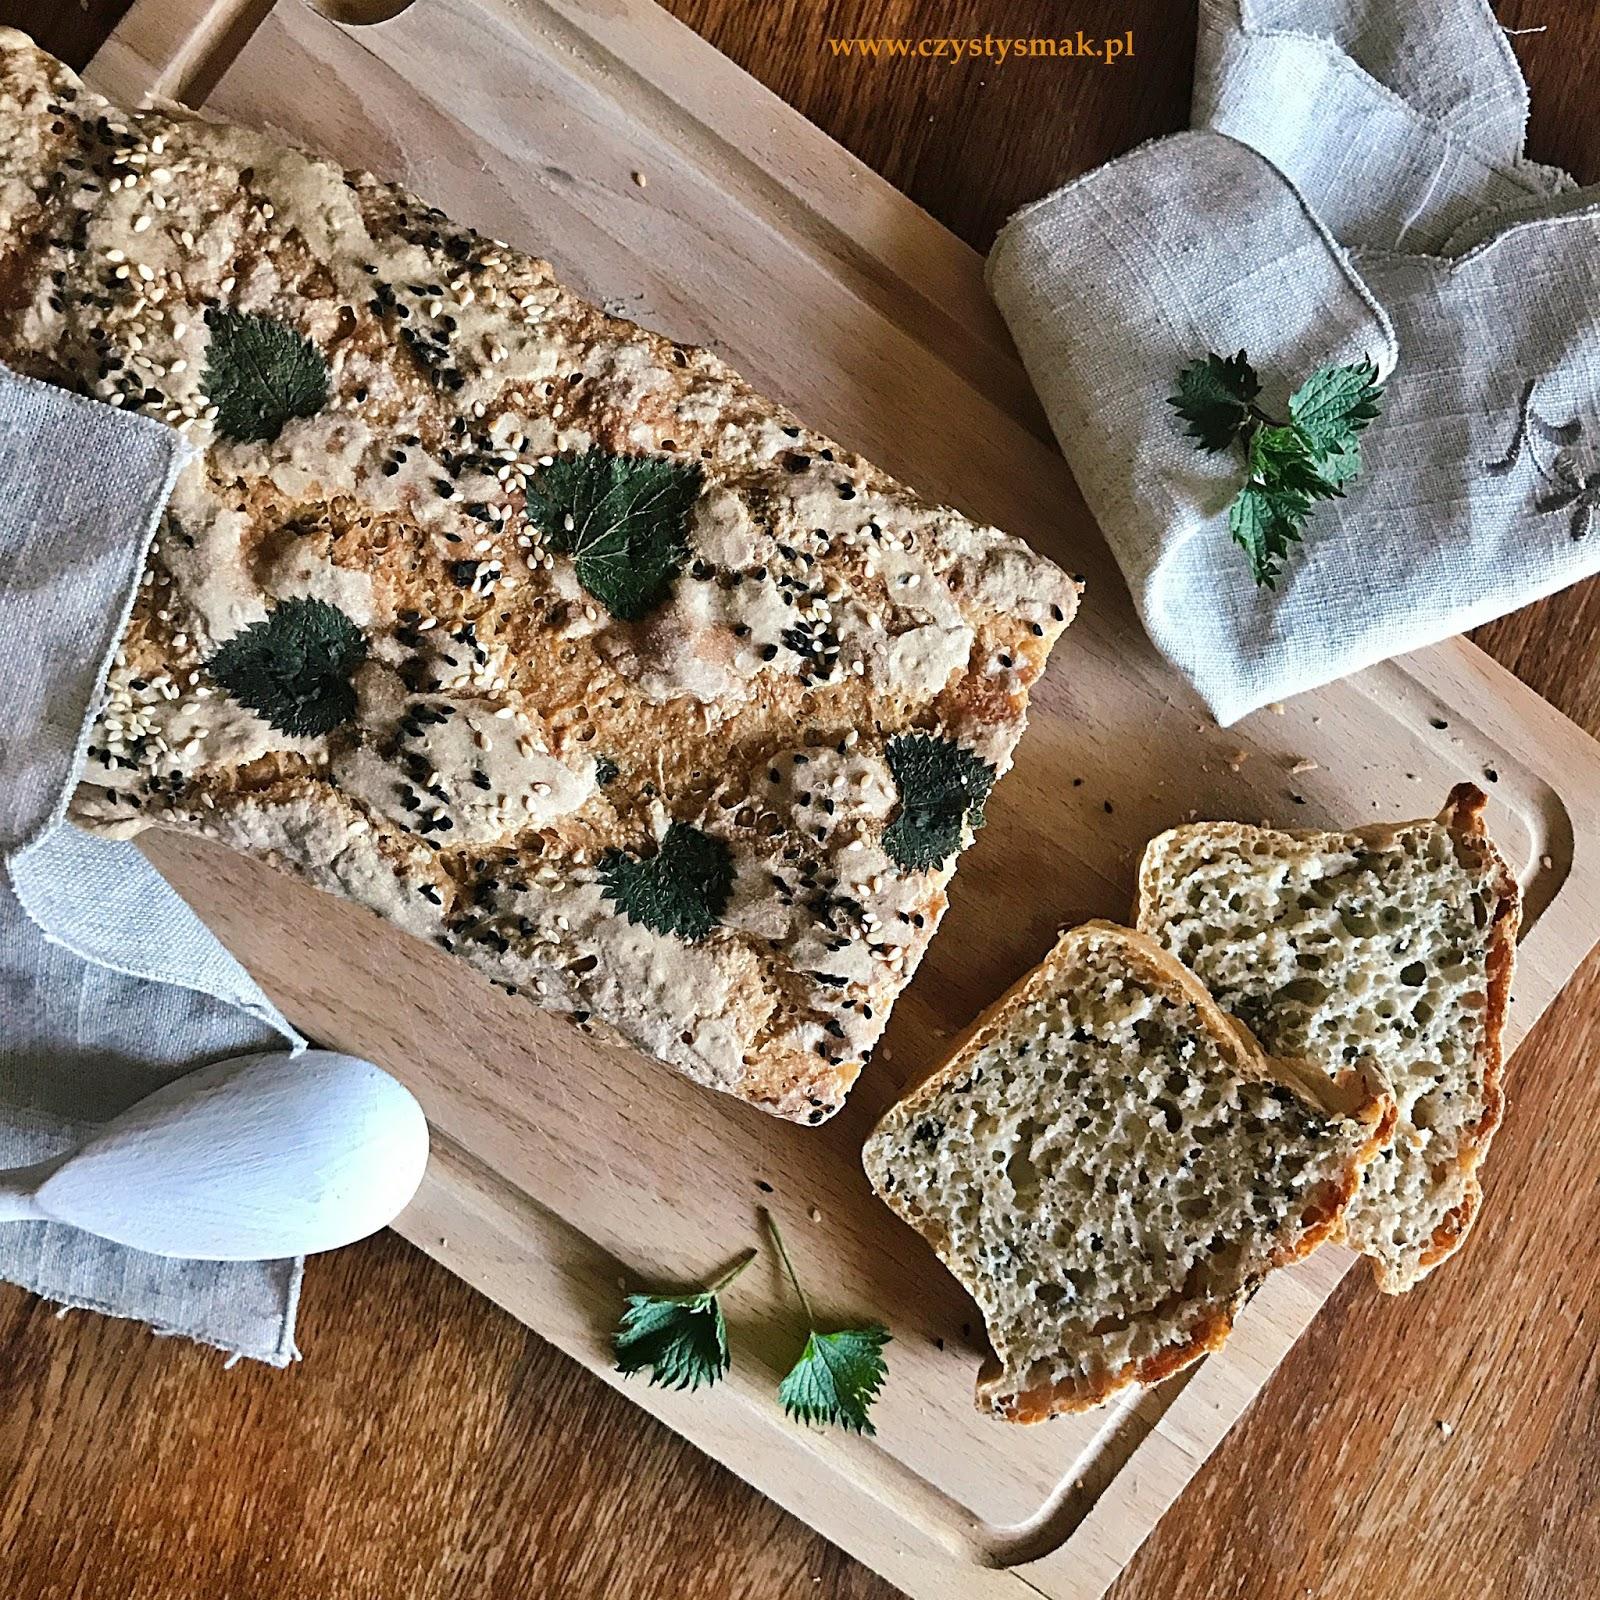 Chleb z młodą pokrzywą i nasionami